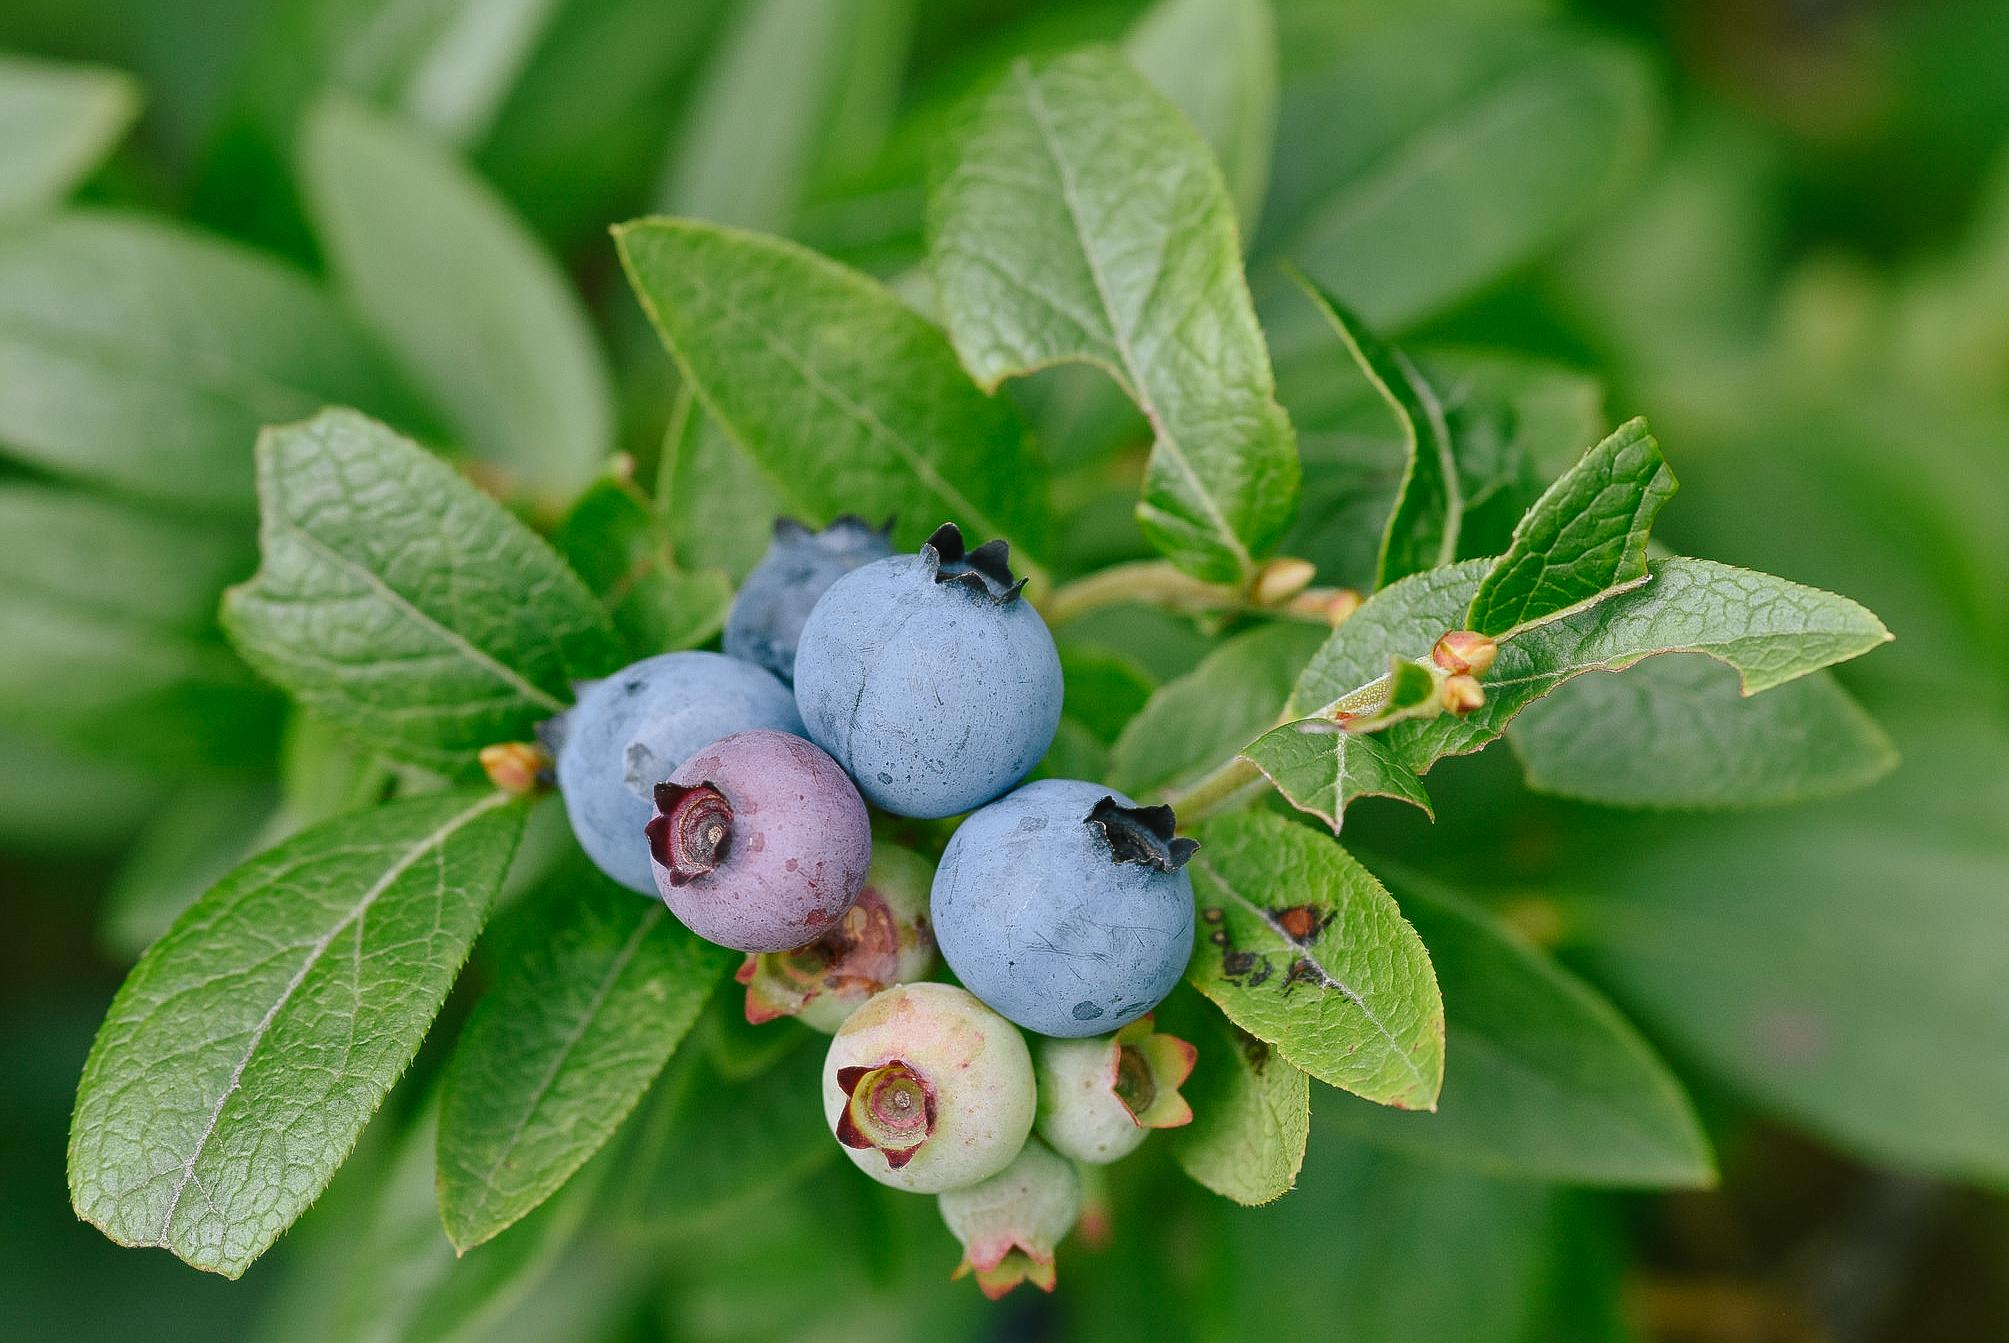 Low Bush Blueberry // Vaccinium angustifolium